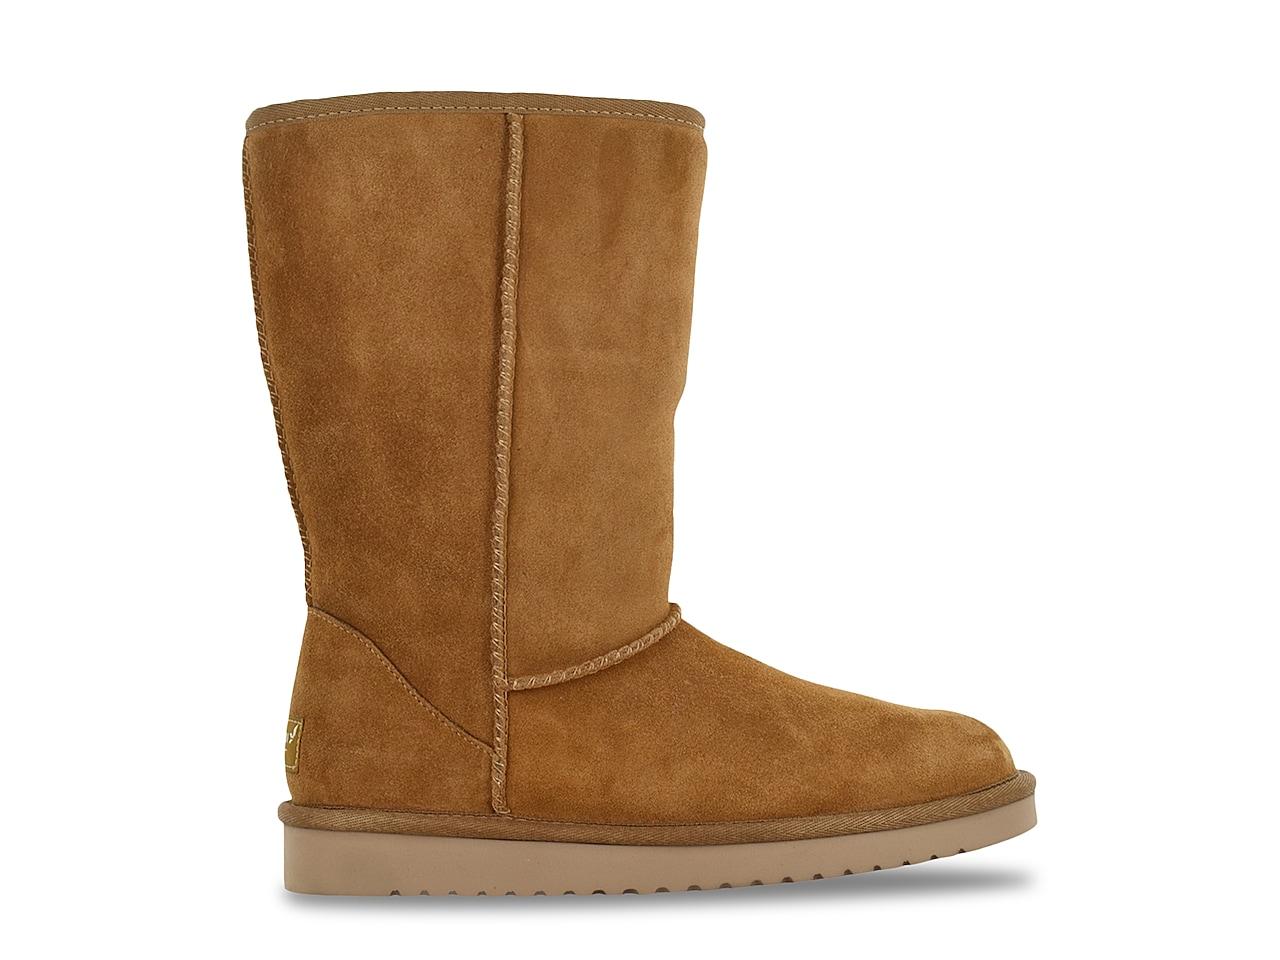 383b6334689 Koola Tall Winter Boot